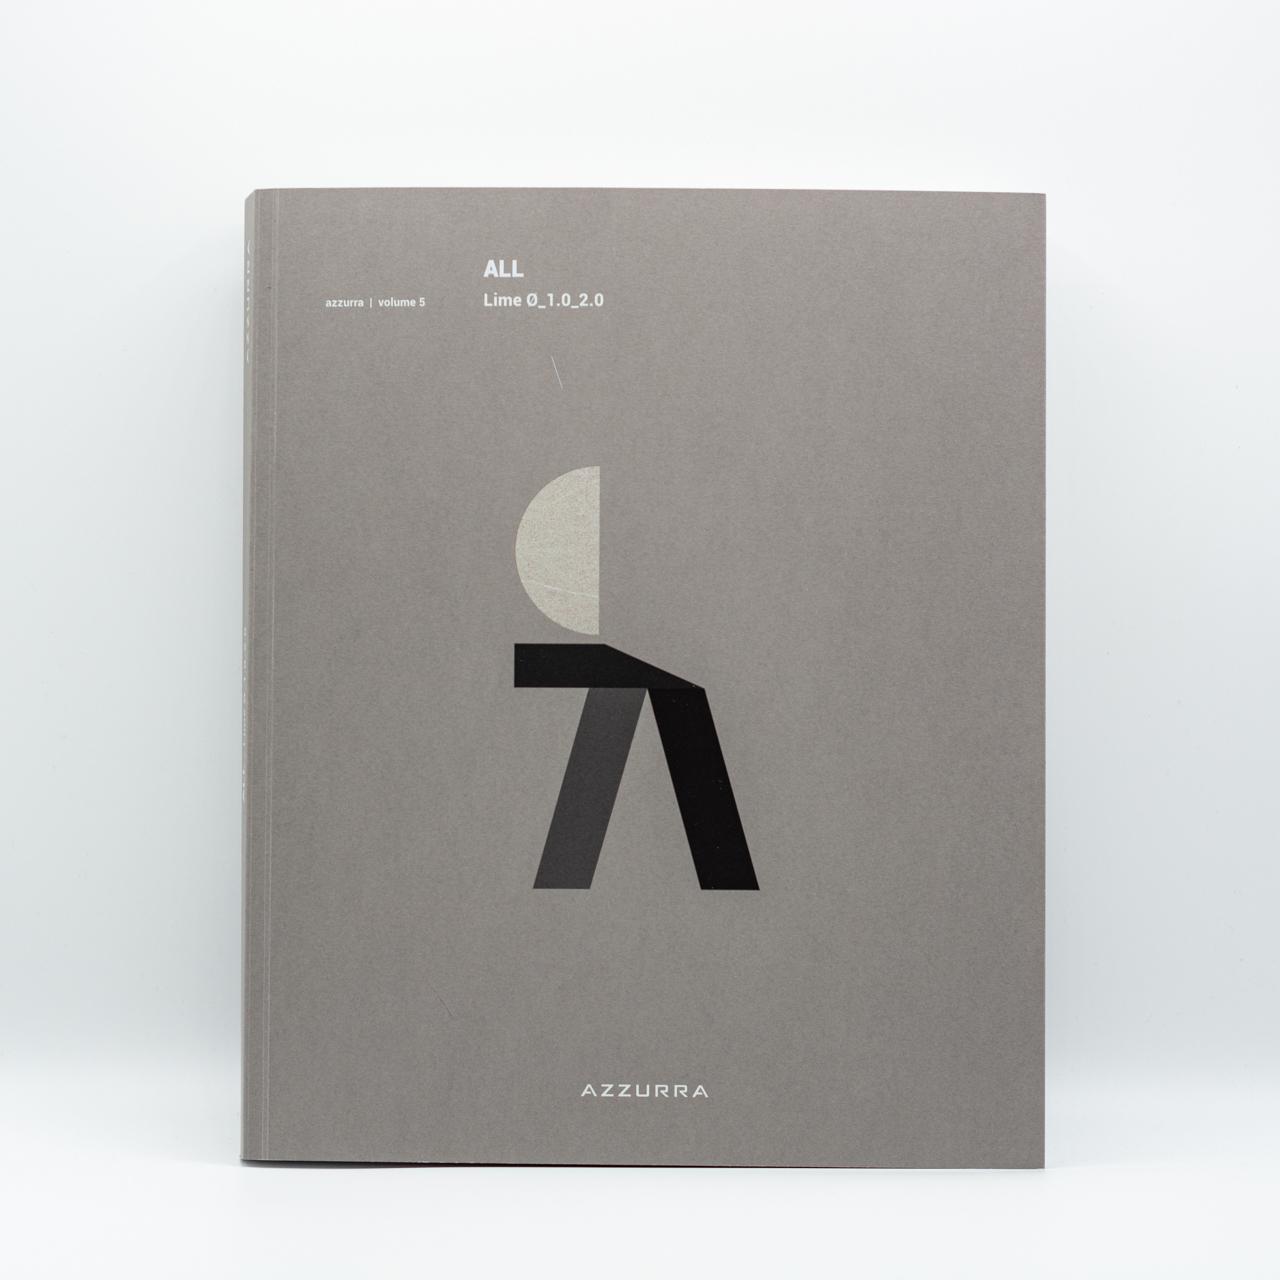 Azzurra-bagni-all-catalogo-copertina